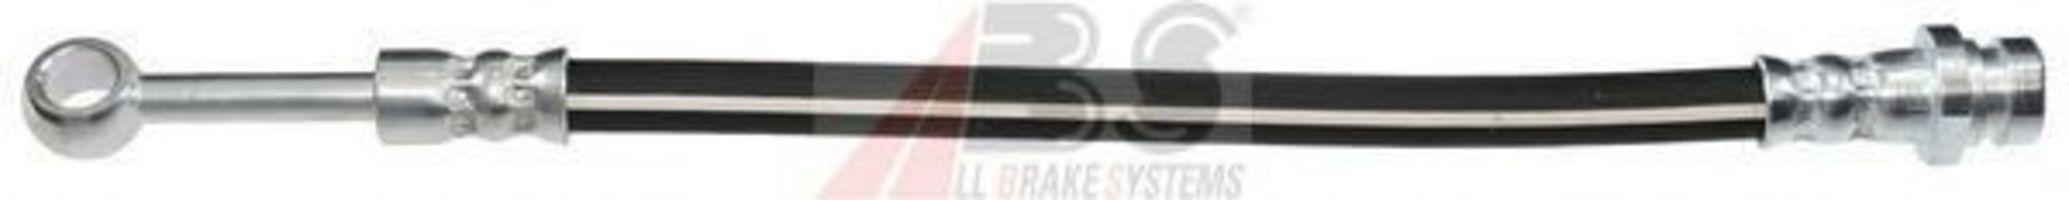 Шланг тормозной A.B.S. SL 6197